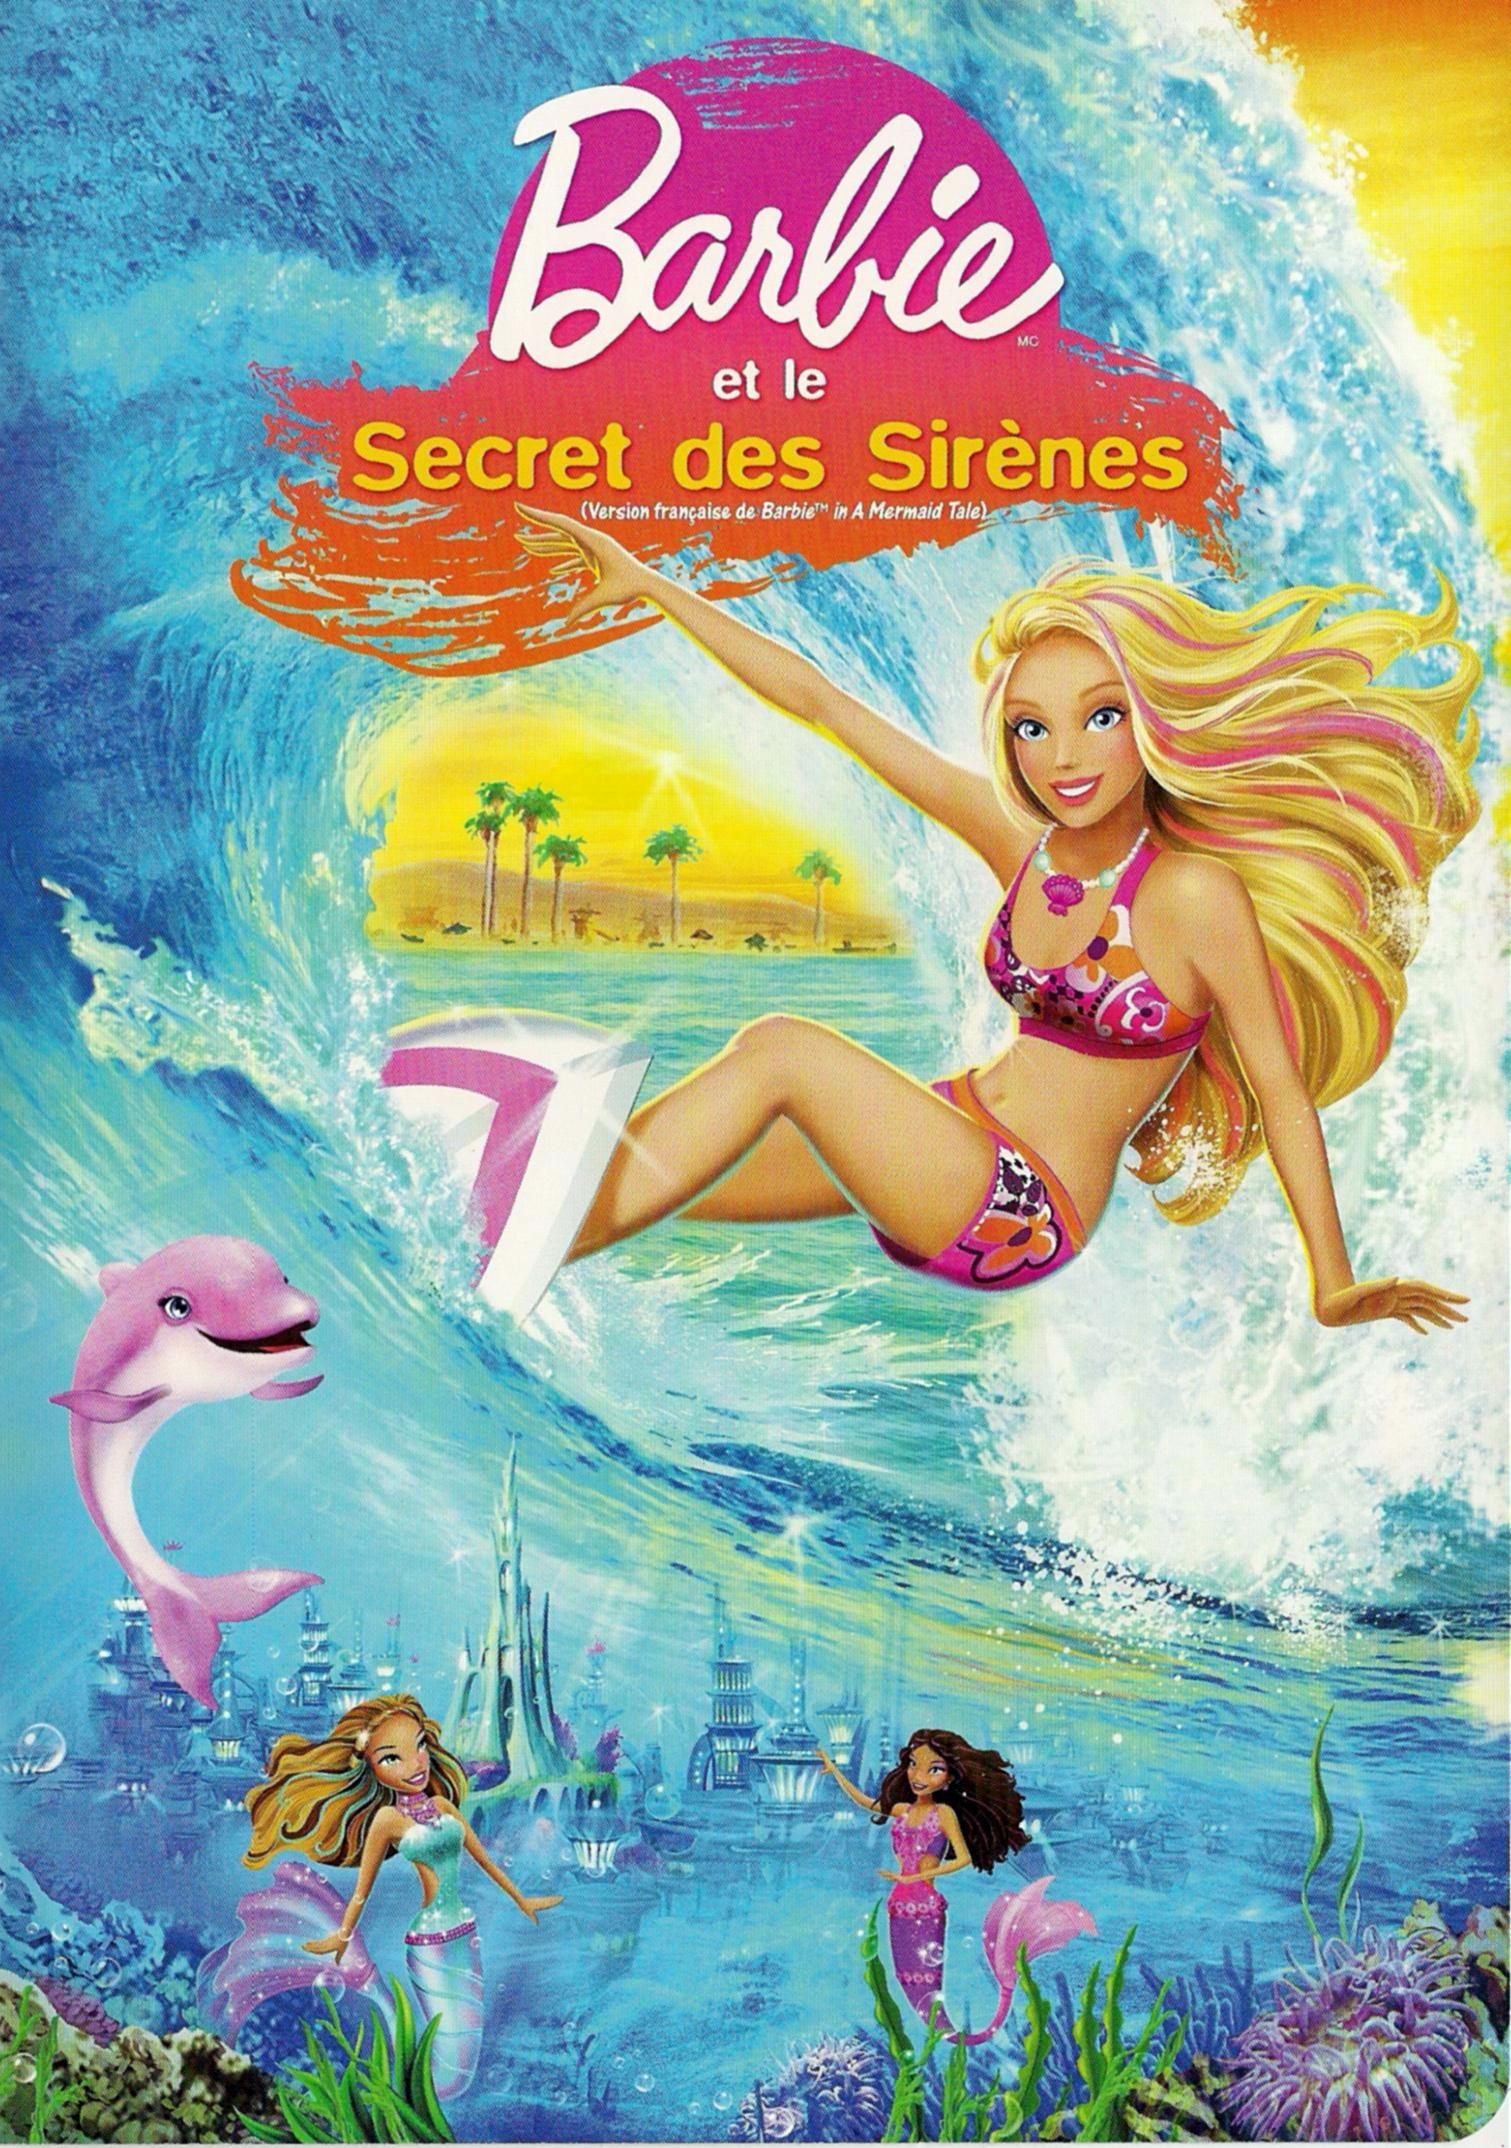 Cat gorie films de sir nes barbiep dia fandom powered - Barbi la sirene ...